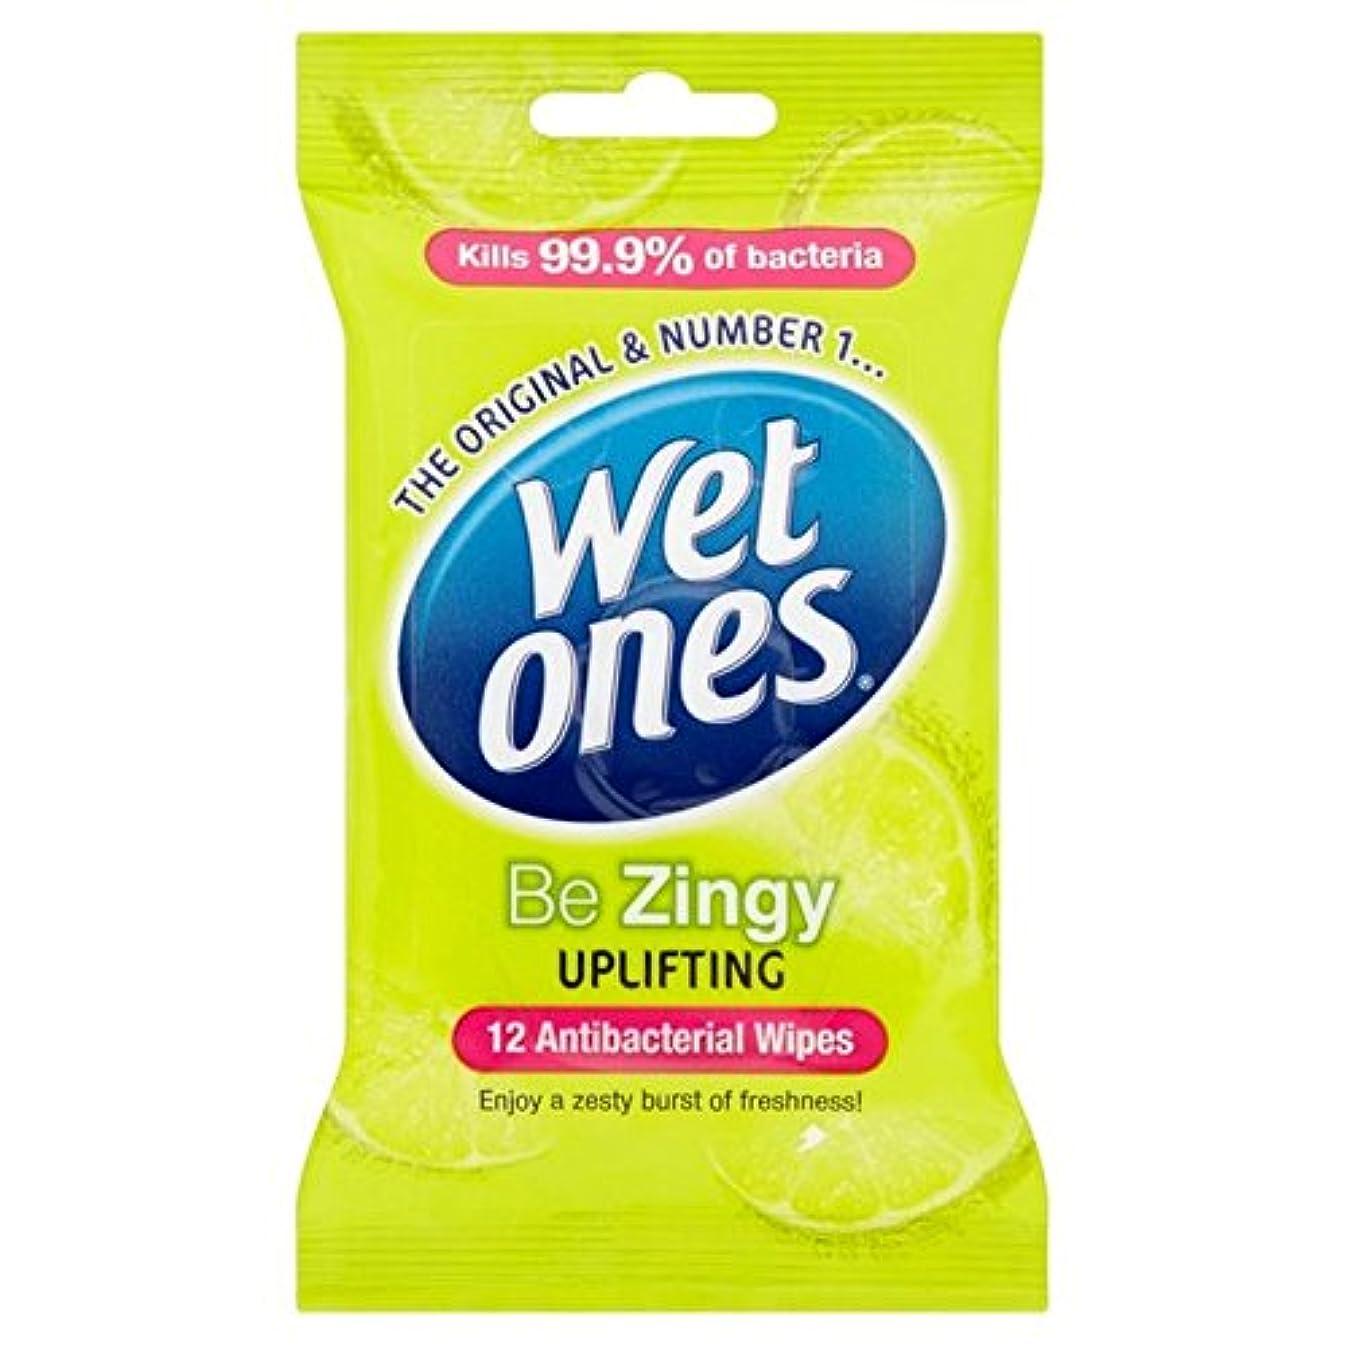 焦がす鉄道読み書きのできない抗バクテリアをクレンジング湿ったものはパックごとに12ワイプ x4 - Wet Ones Cleansing Anti Bacterial Wipes 12 per pack (Pack of 4) [並行輸入品]